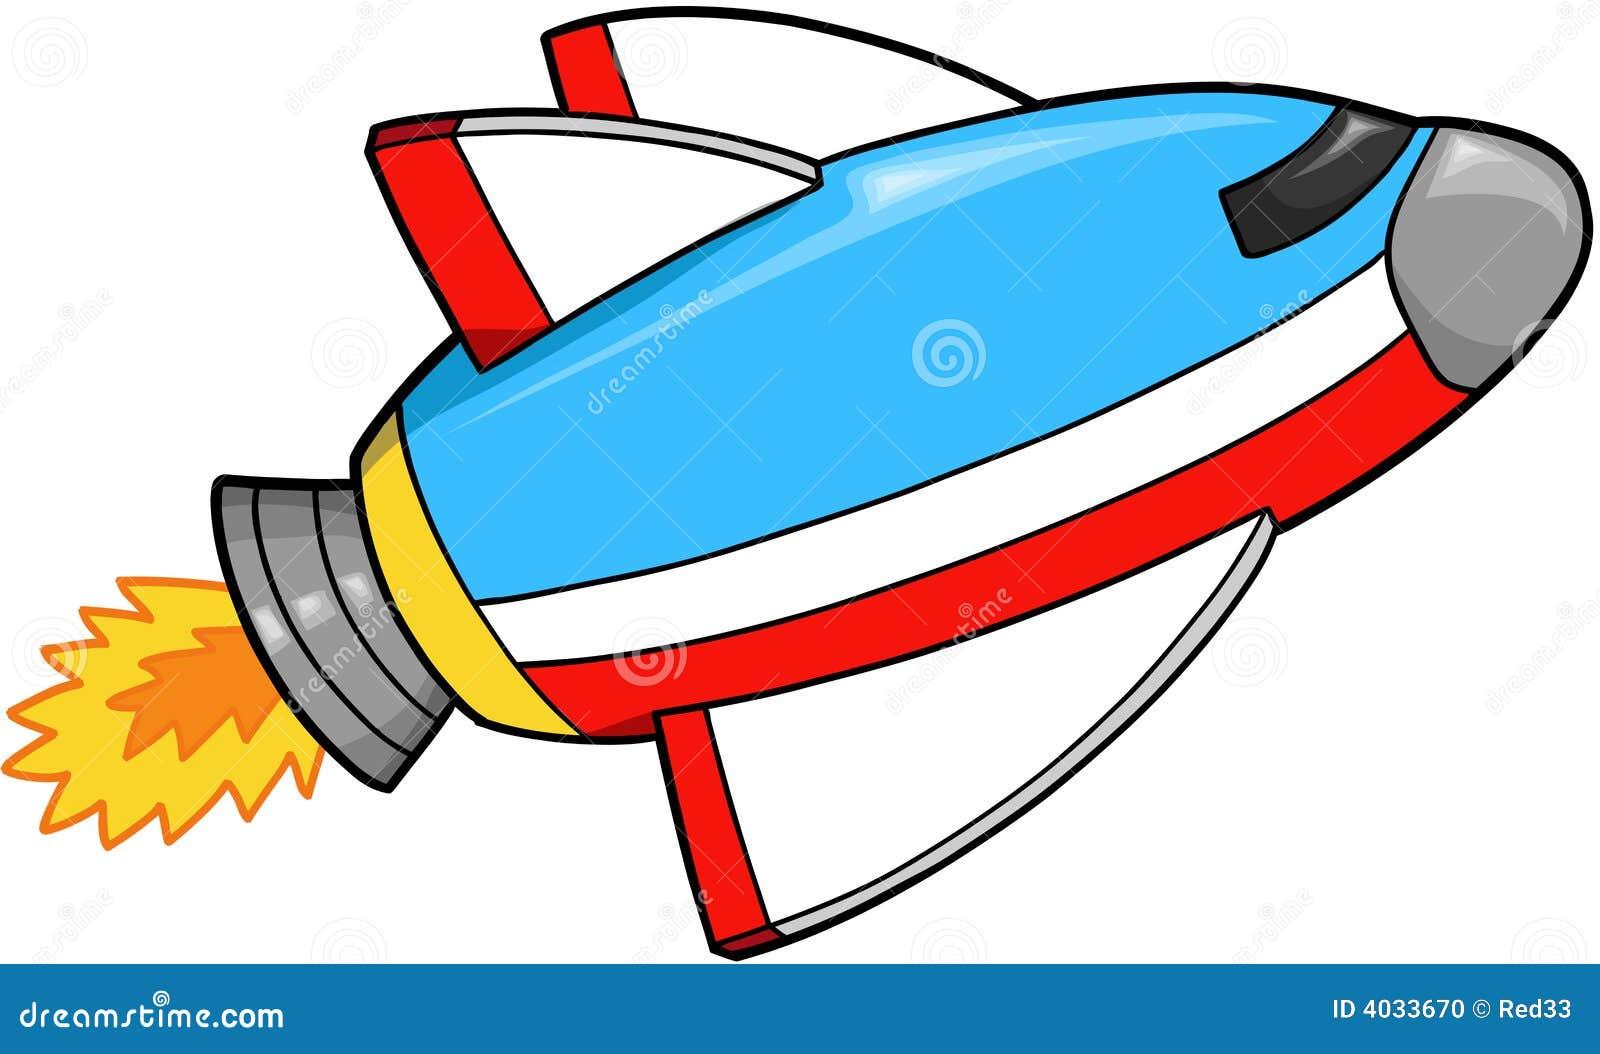 Vector de la nave espacial ilustración del vector. Ilustración de ...